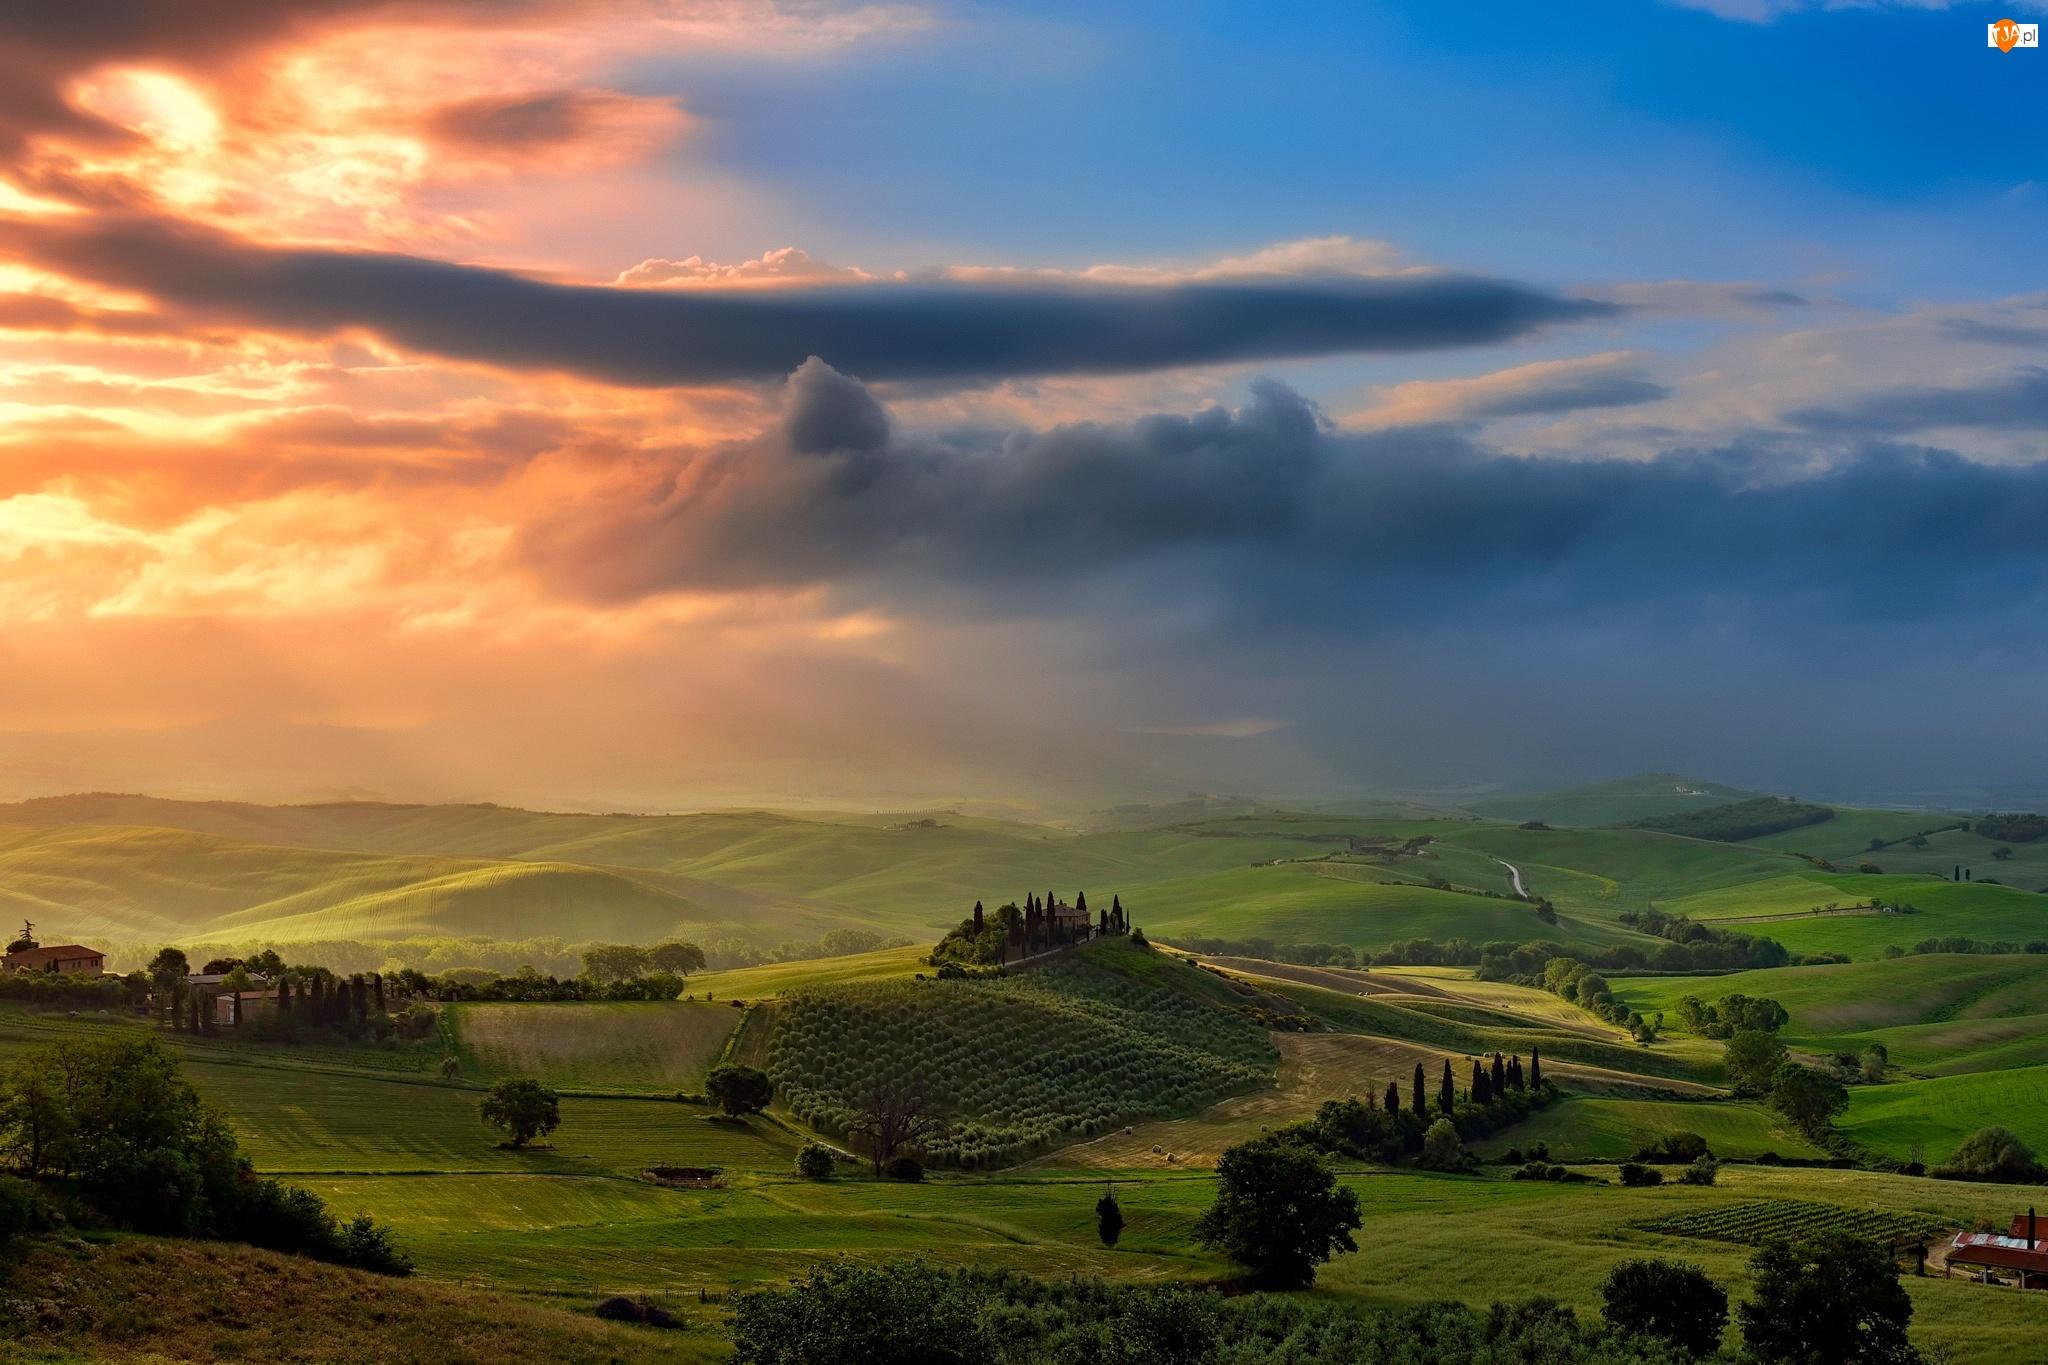 Zachód słońca, Drzewa, Cyprysy, Zieleń, Toskania, Włochy, Pola, Dolina, Wzgórza, Chmury